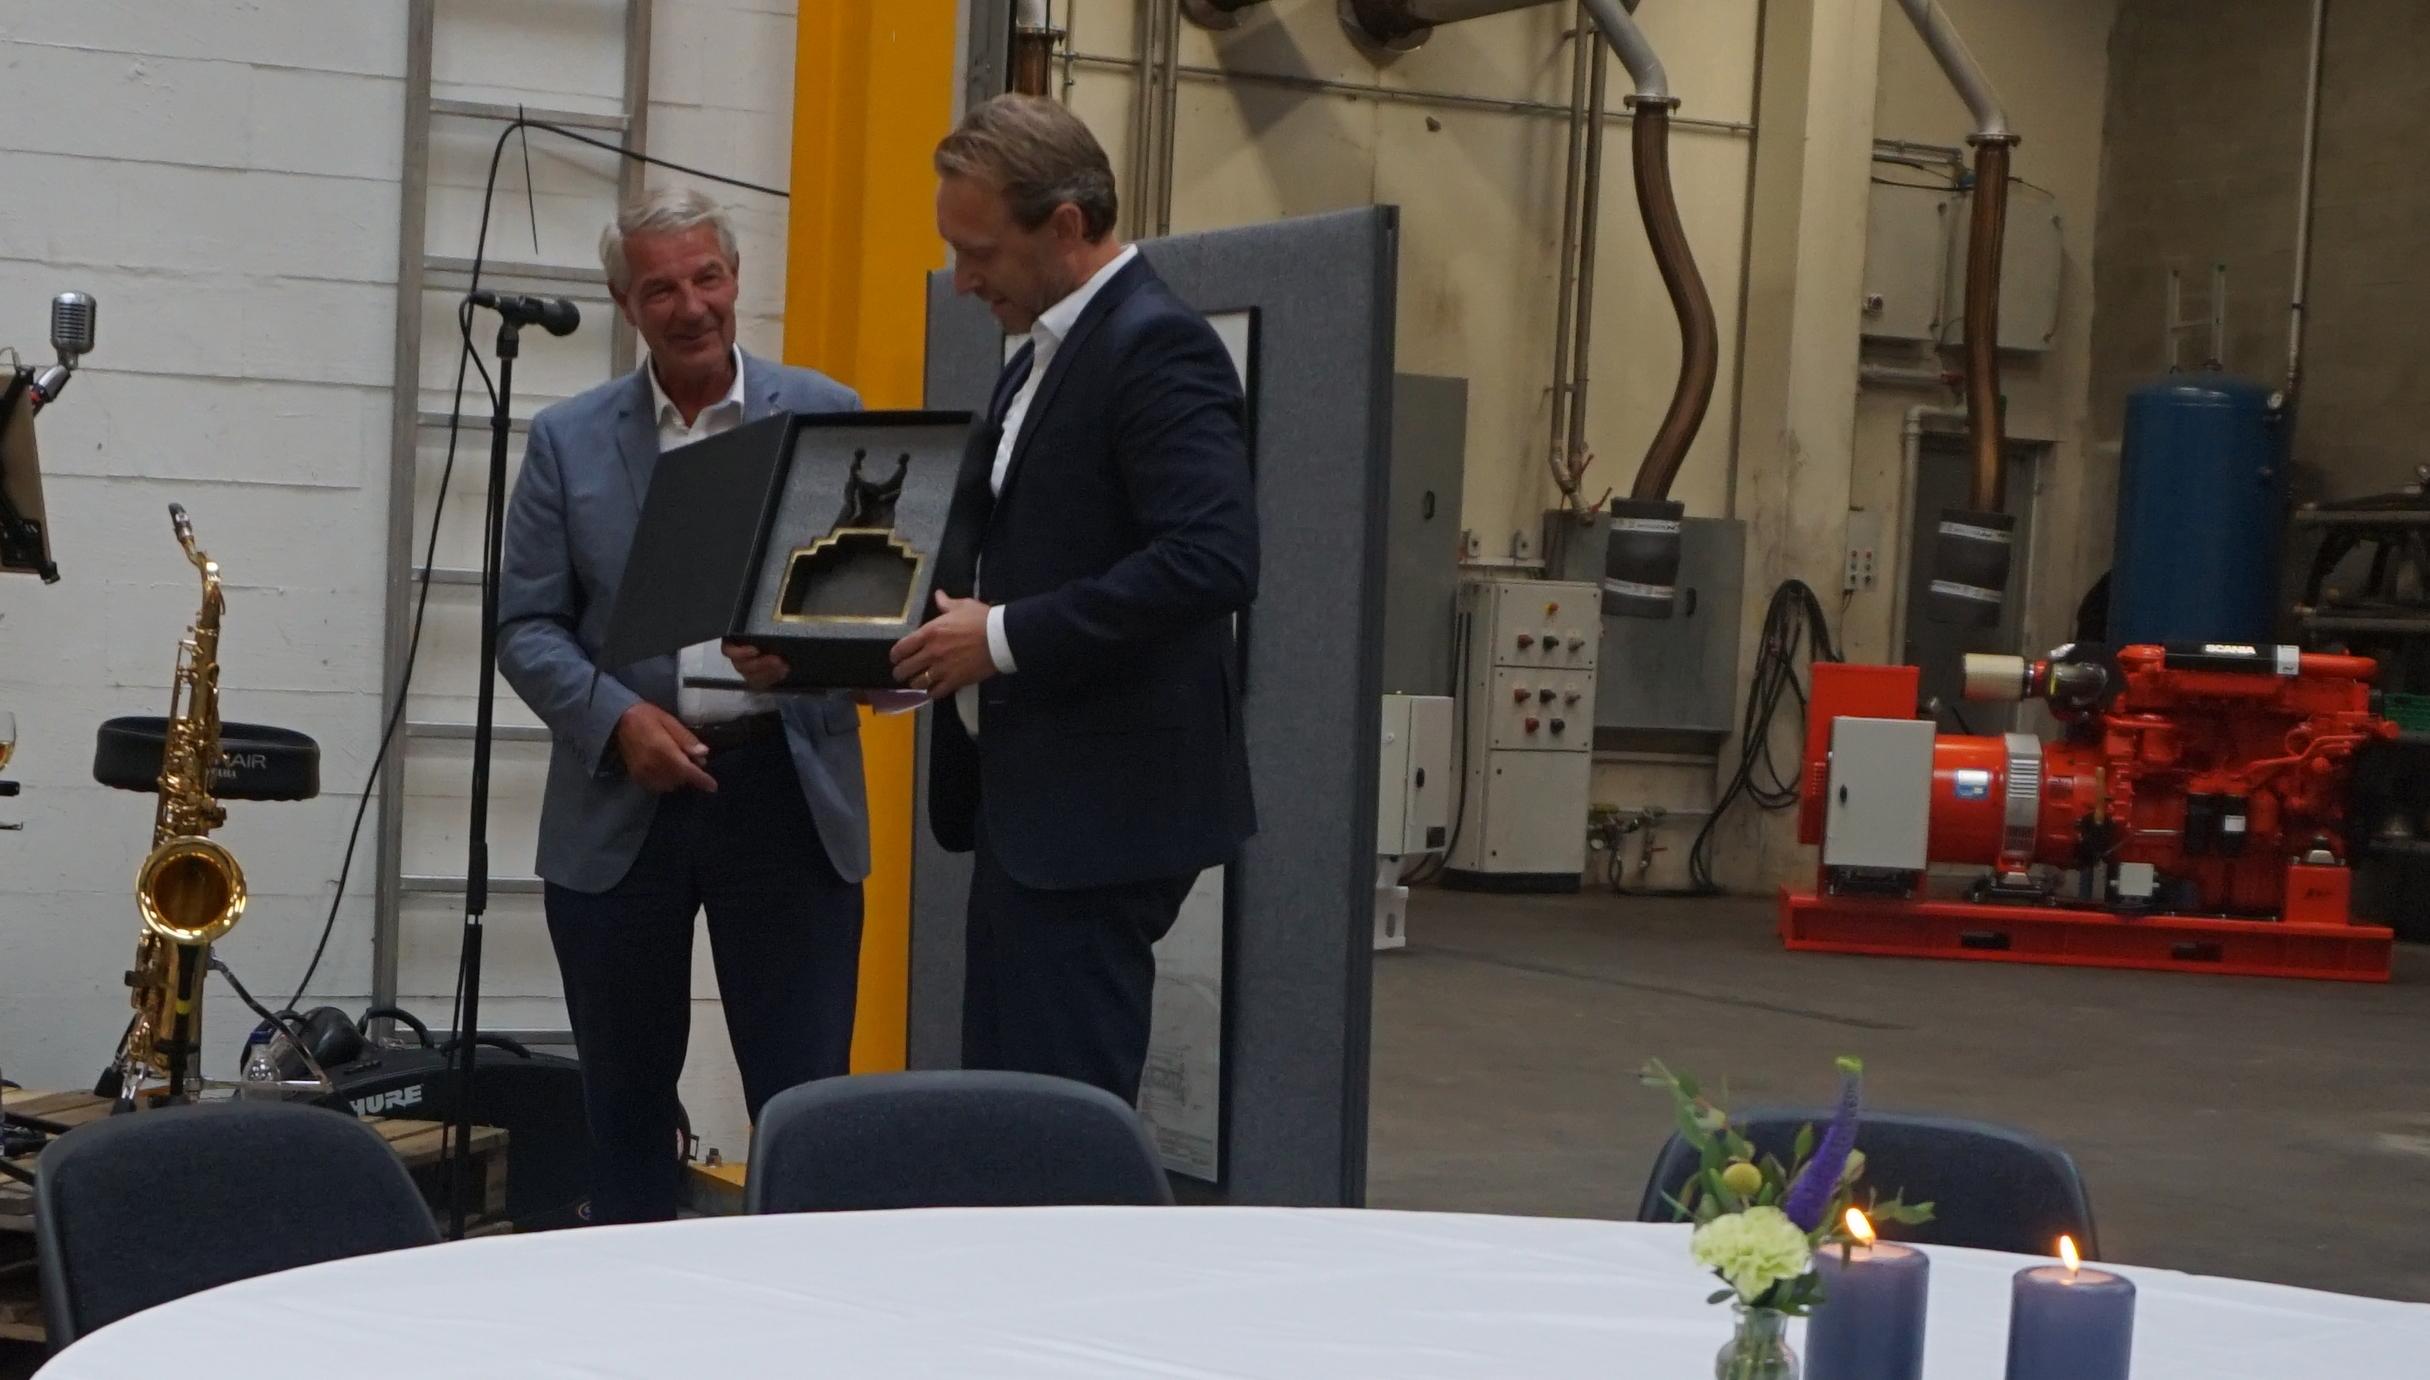 Ejer Kent Kirk overrækker gave til Scania